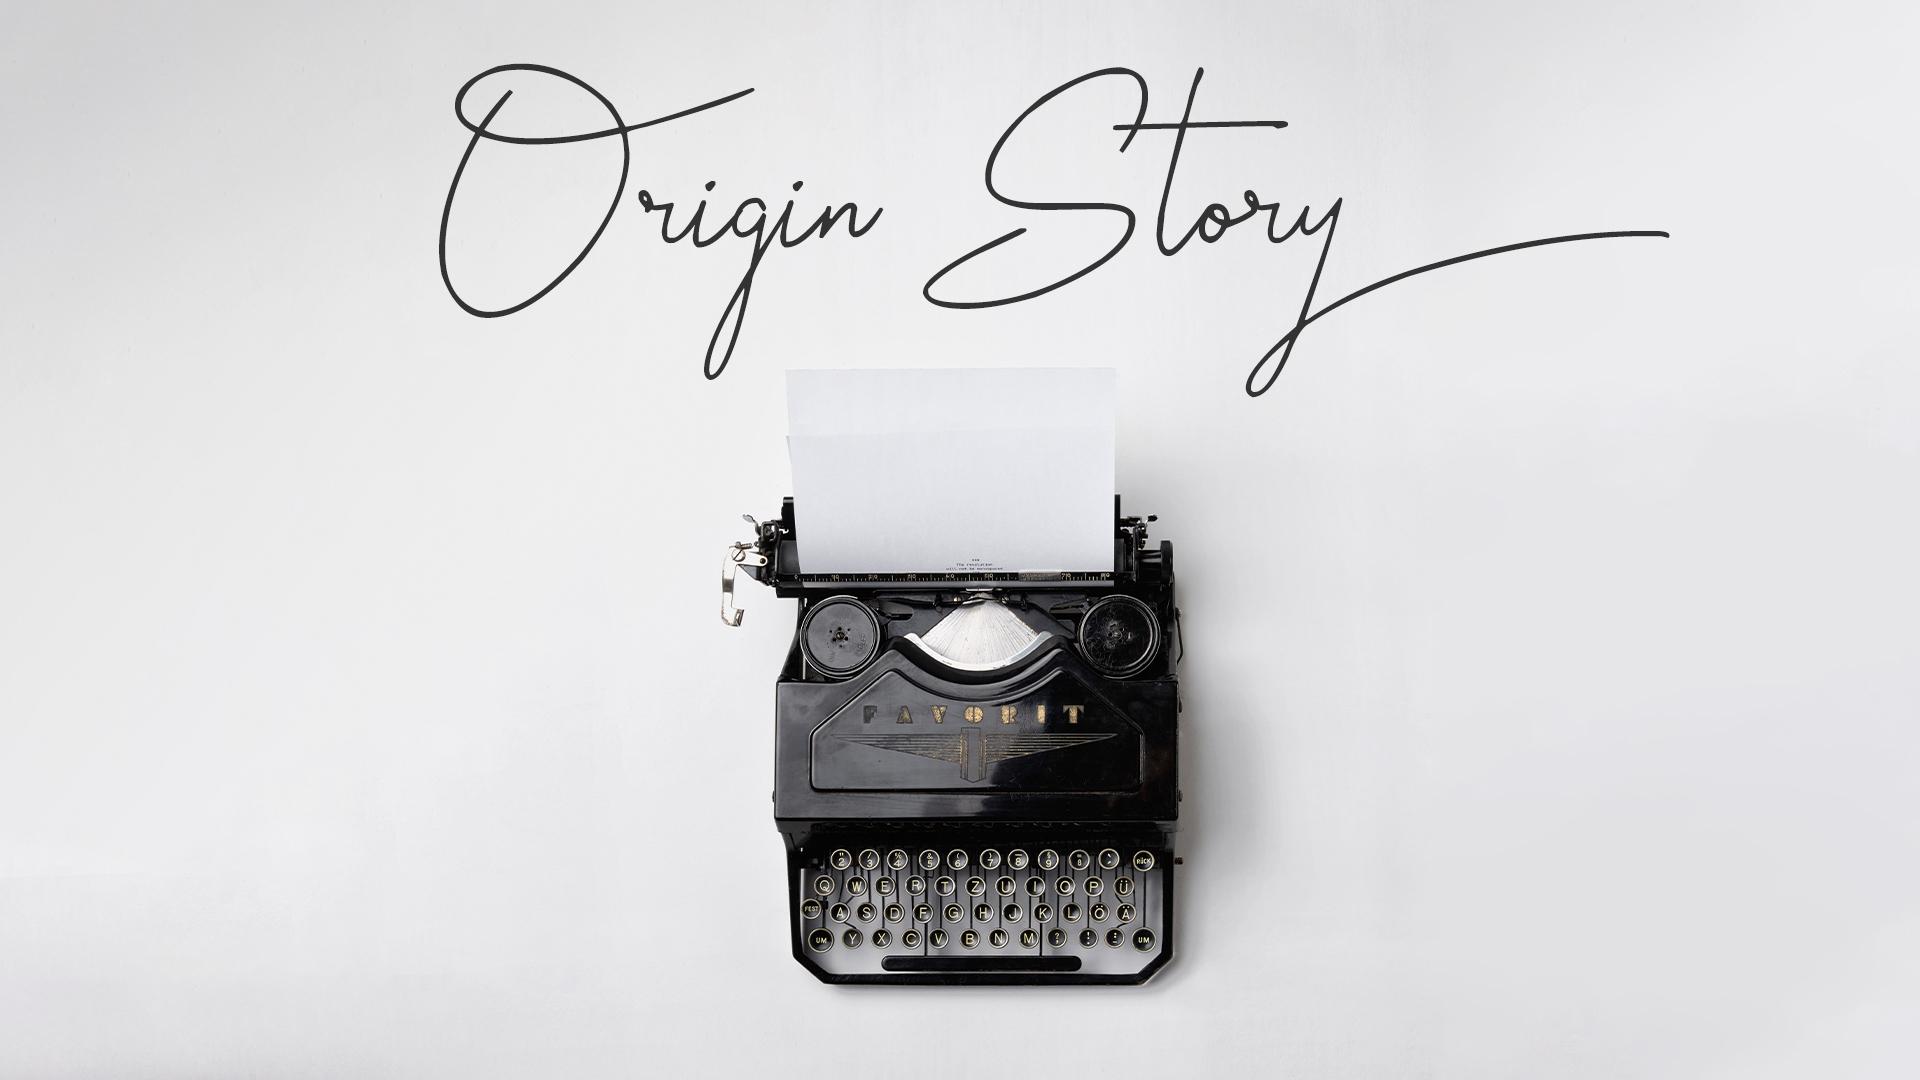 Origin-Story_1920x1080_v2.jpg